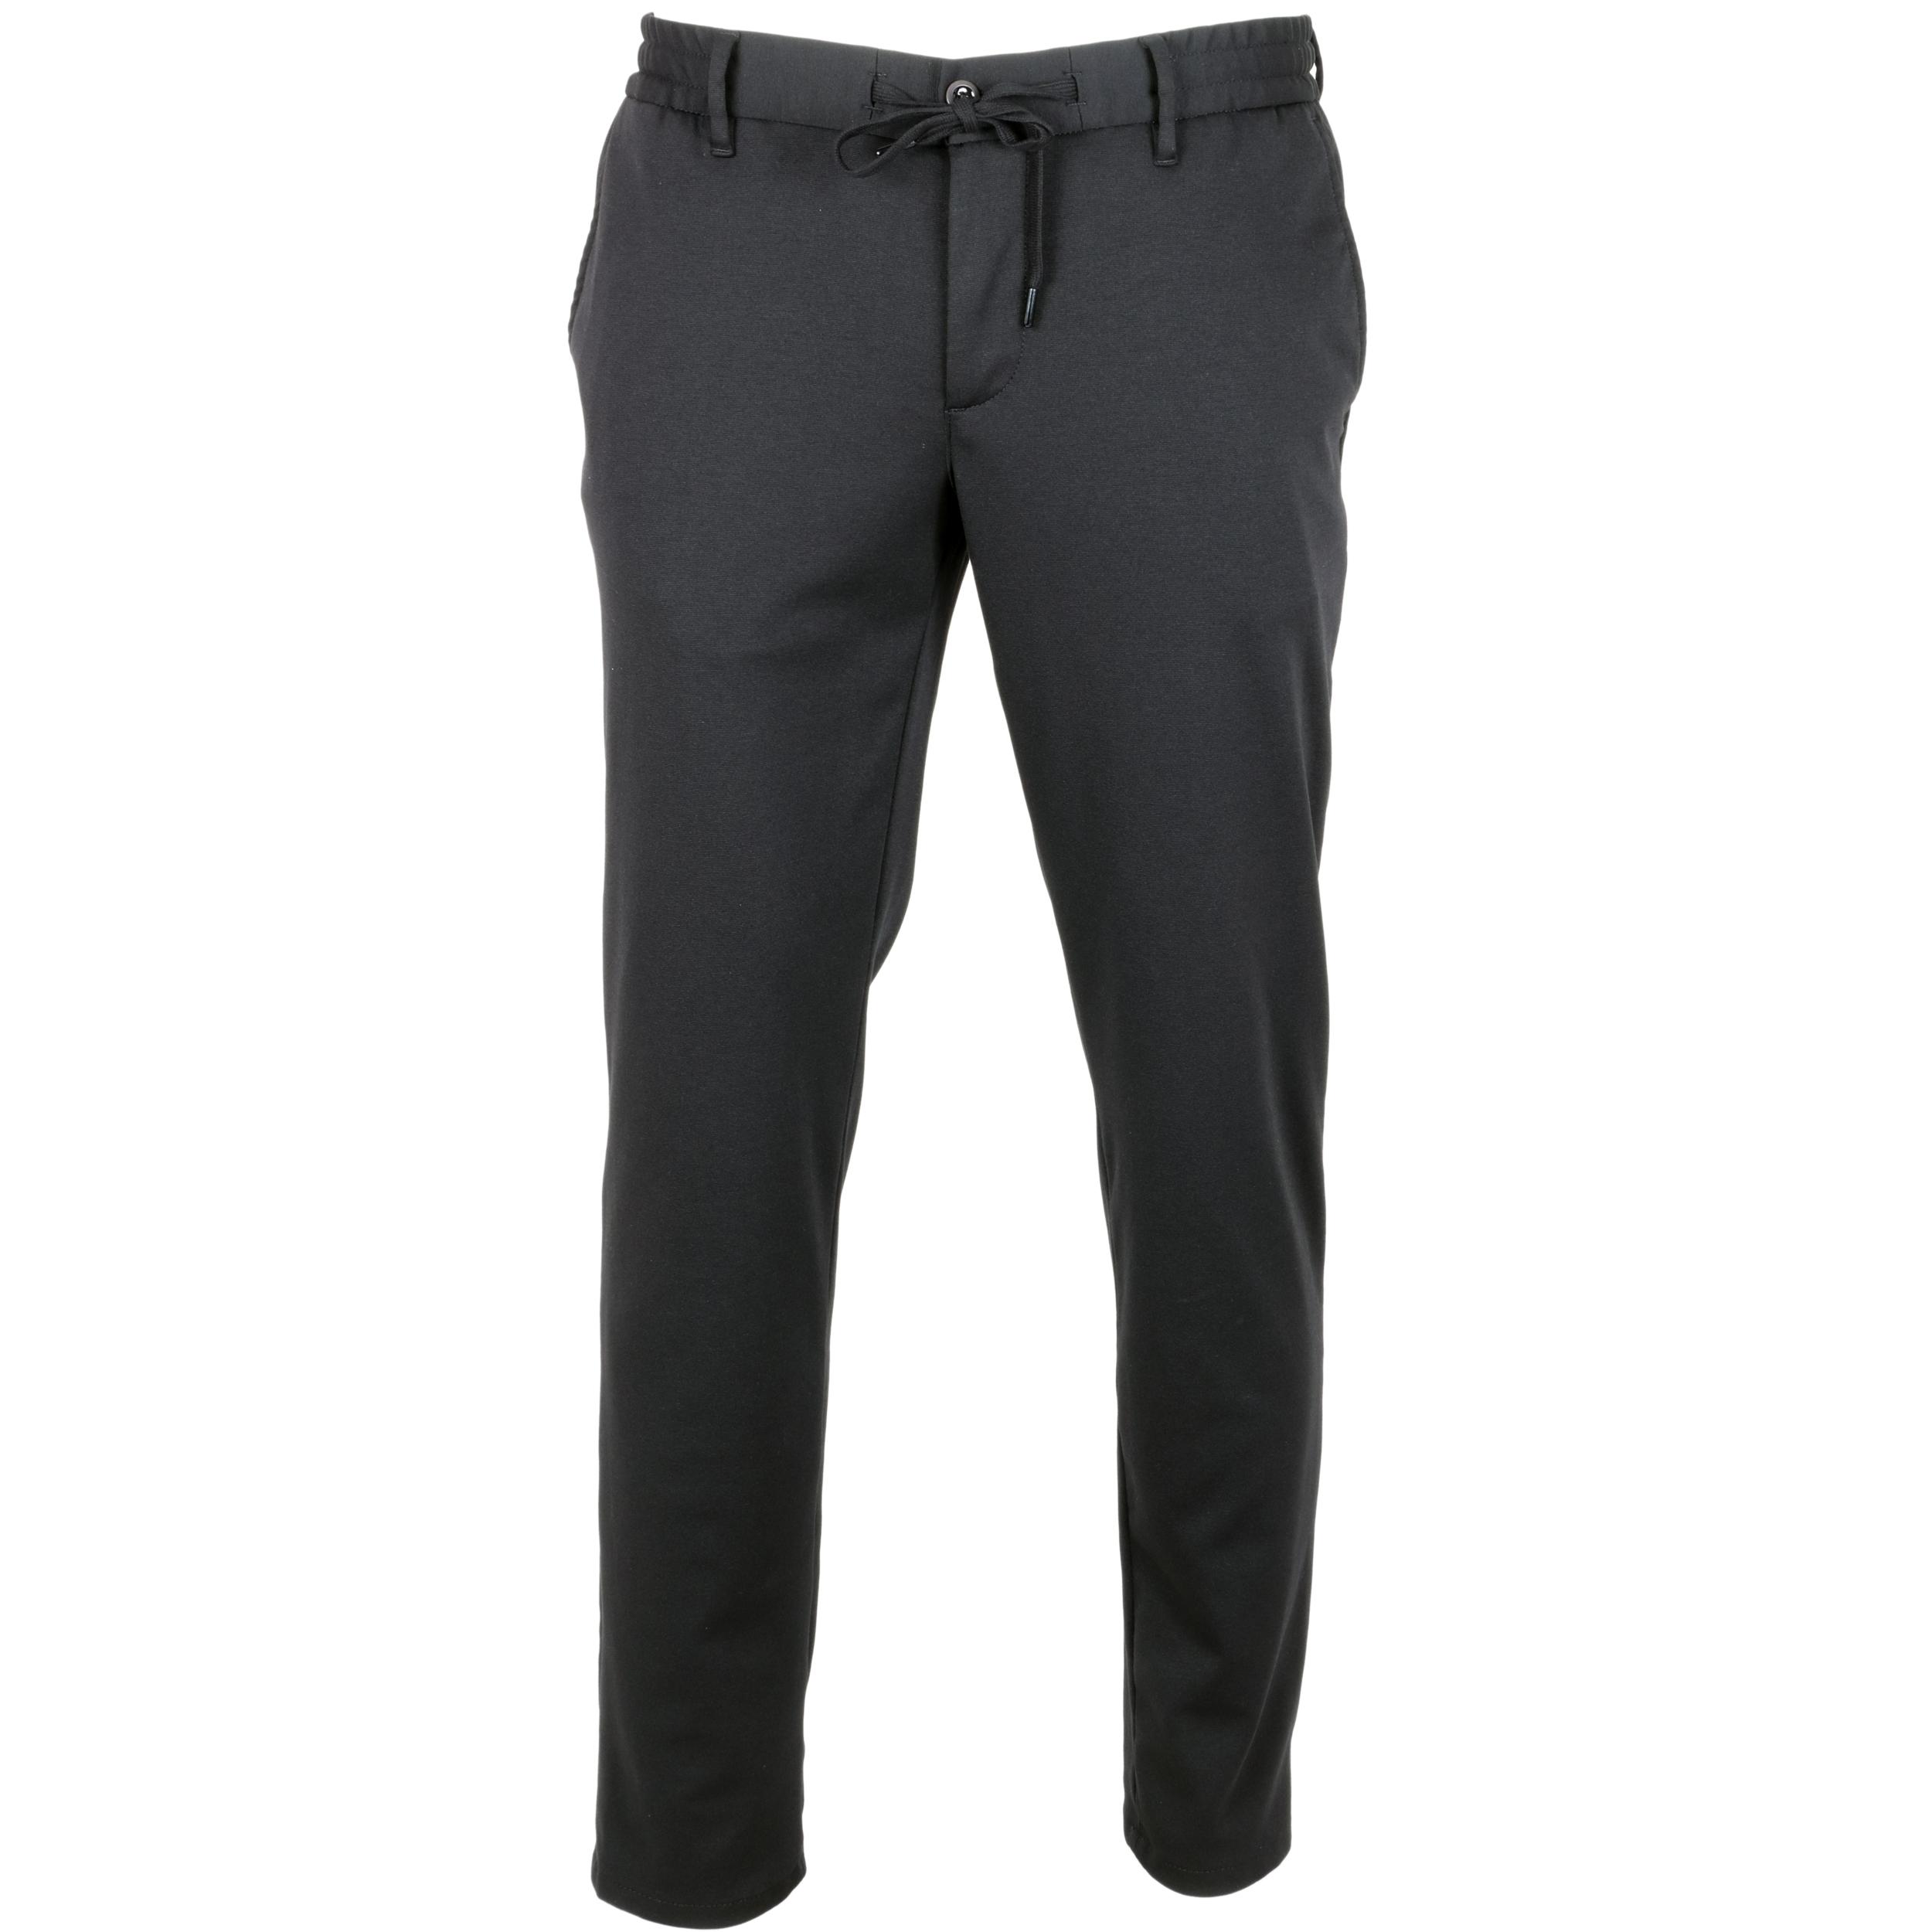 Alberto Herren Hose Jogg-Pants Jersey - schwarz 36/32